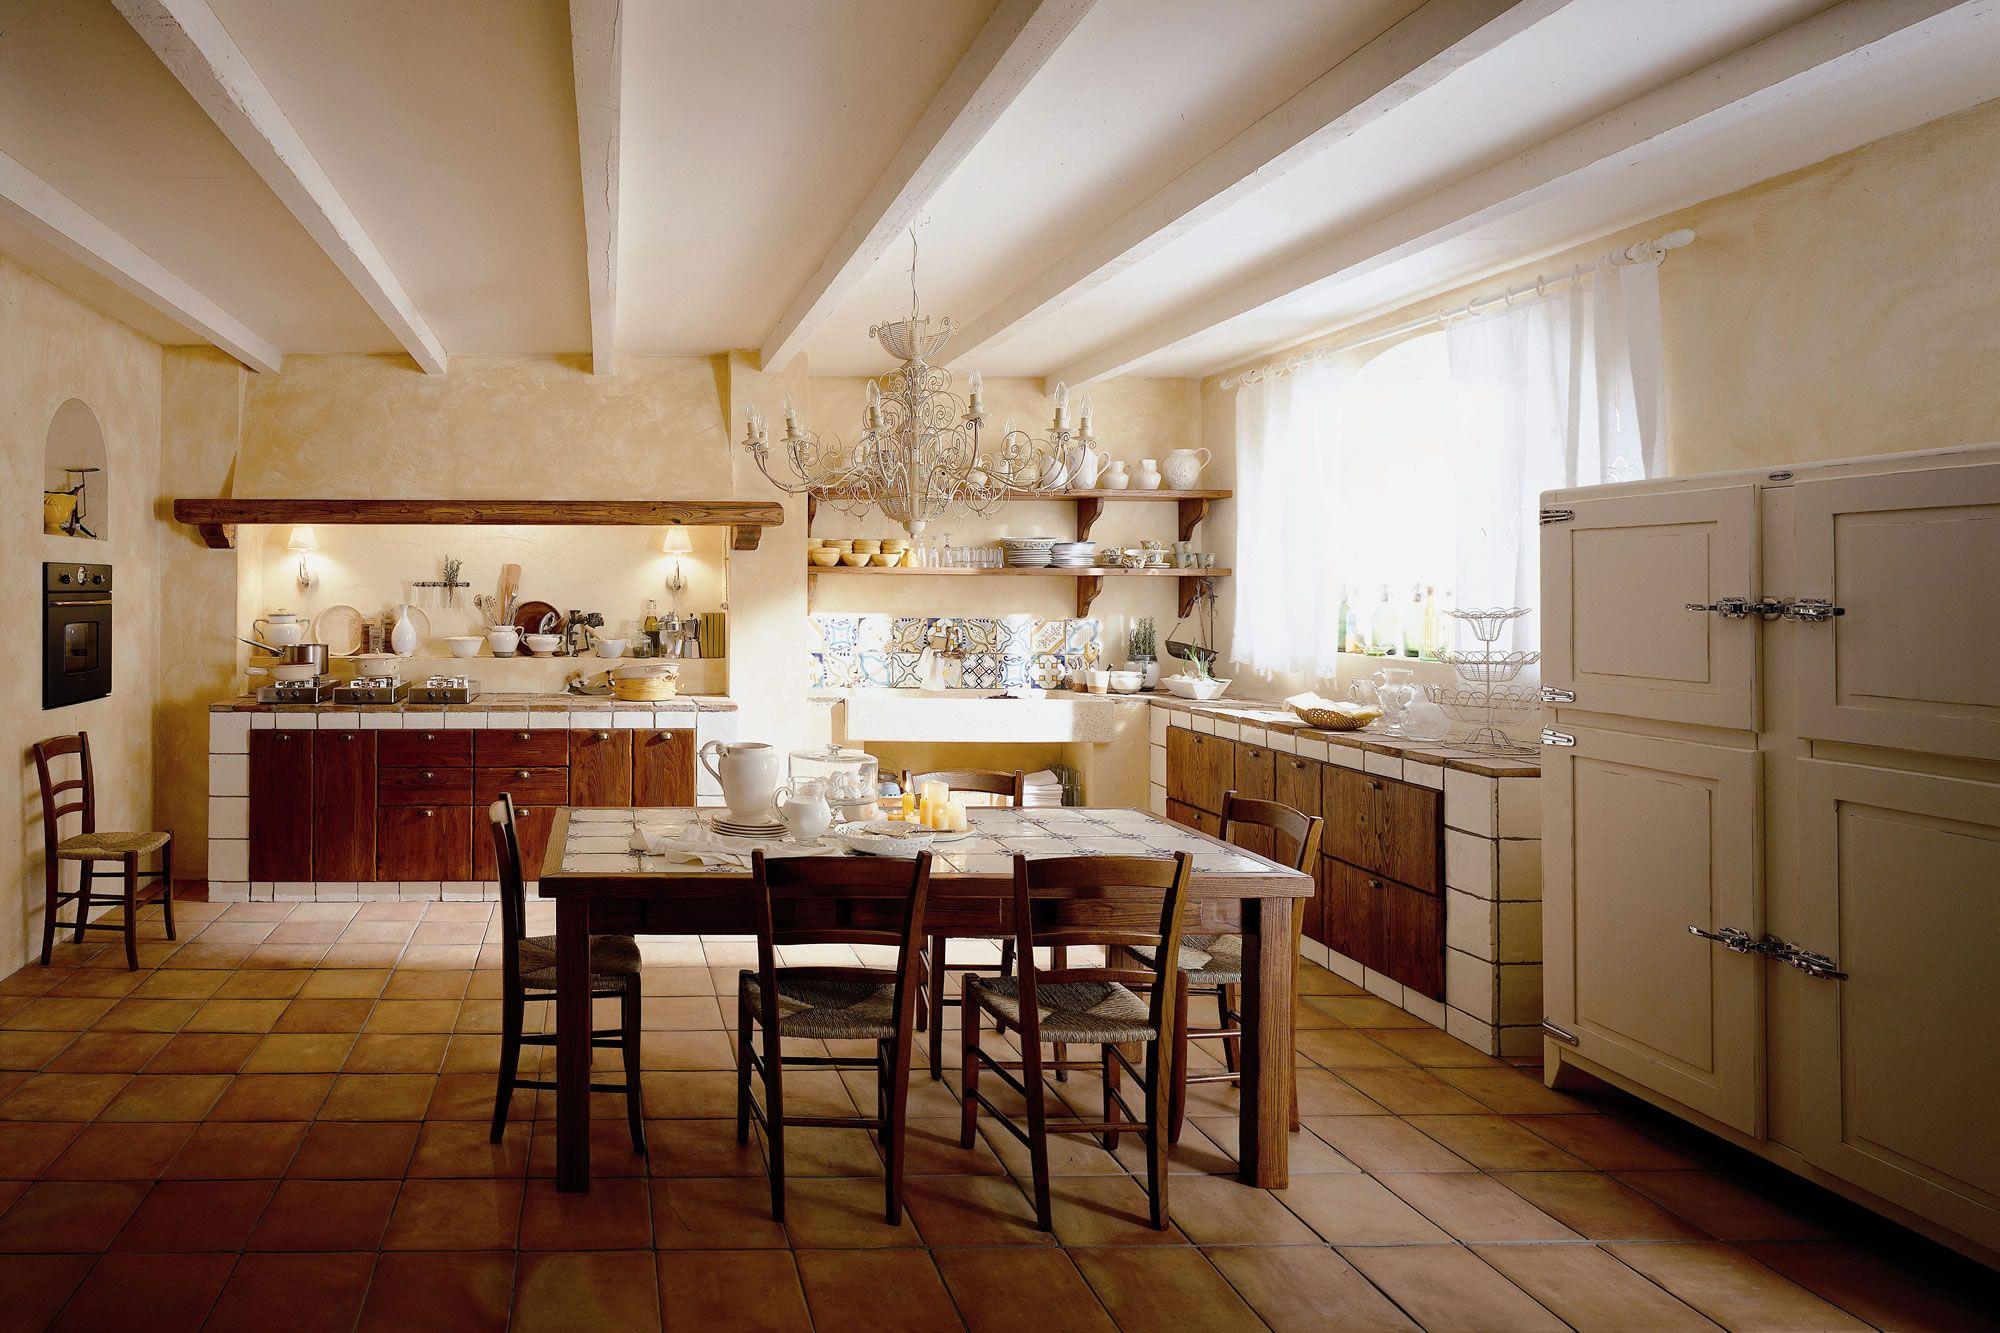 Cucine Componibili Siena.Cucine Country Chic Componibili In Legno Ecologiche Valdelsa